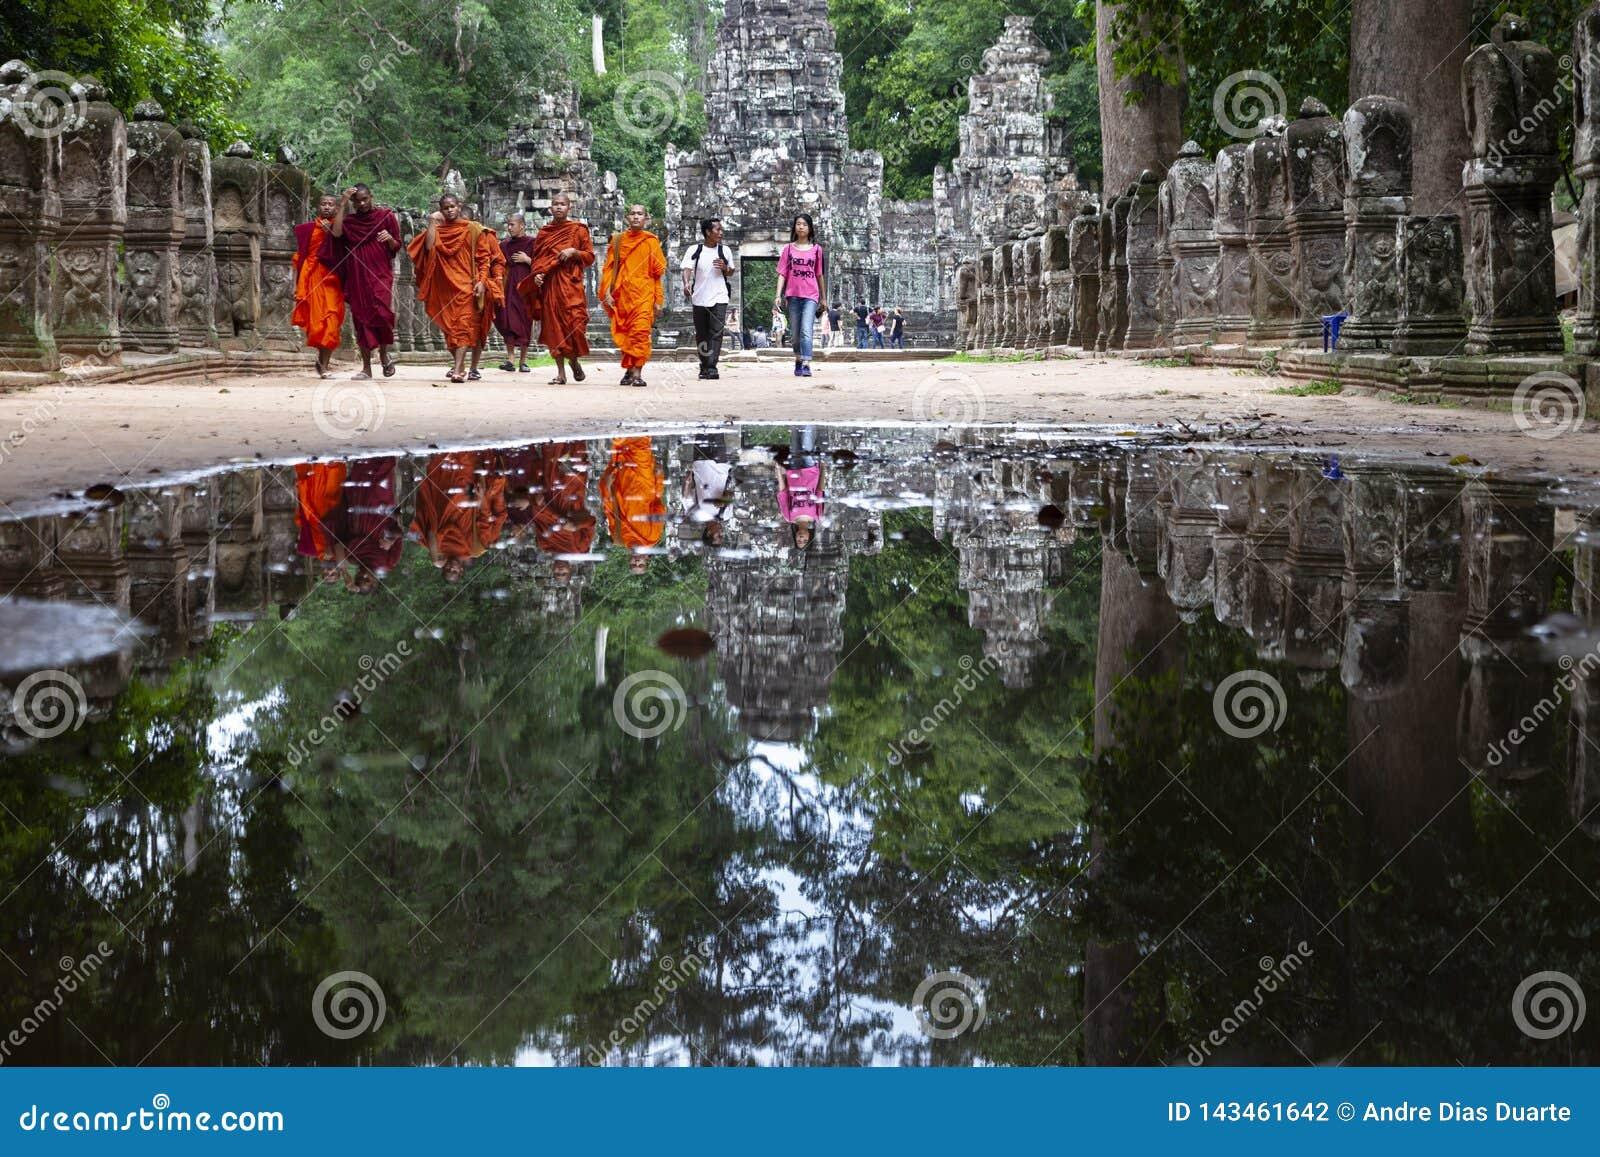 Reflexión de los monjes budistas en el agua